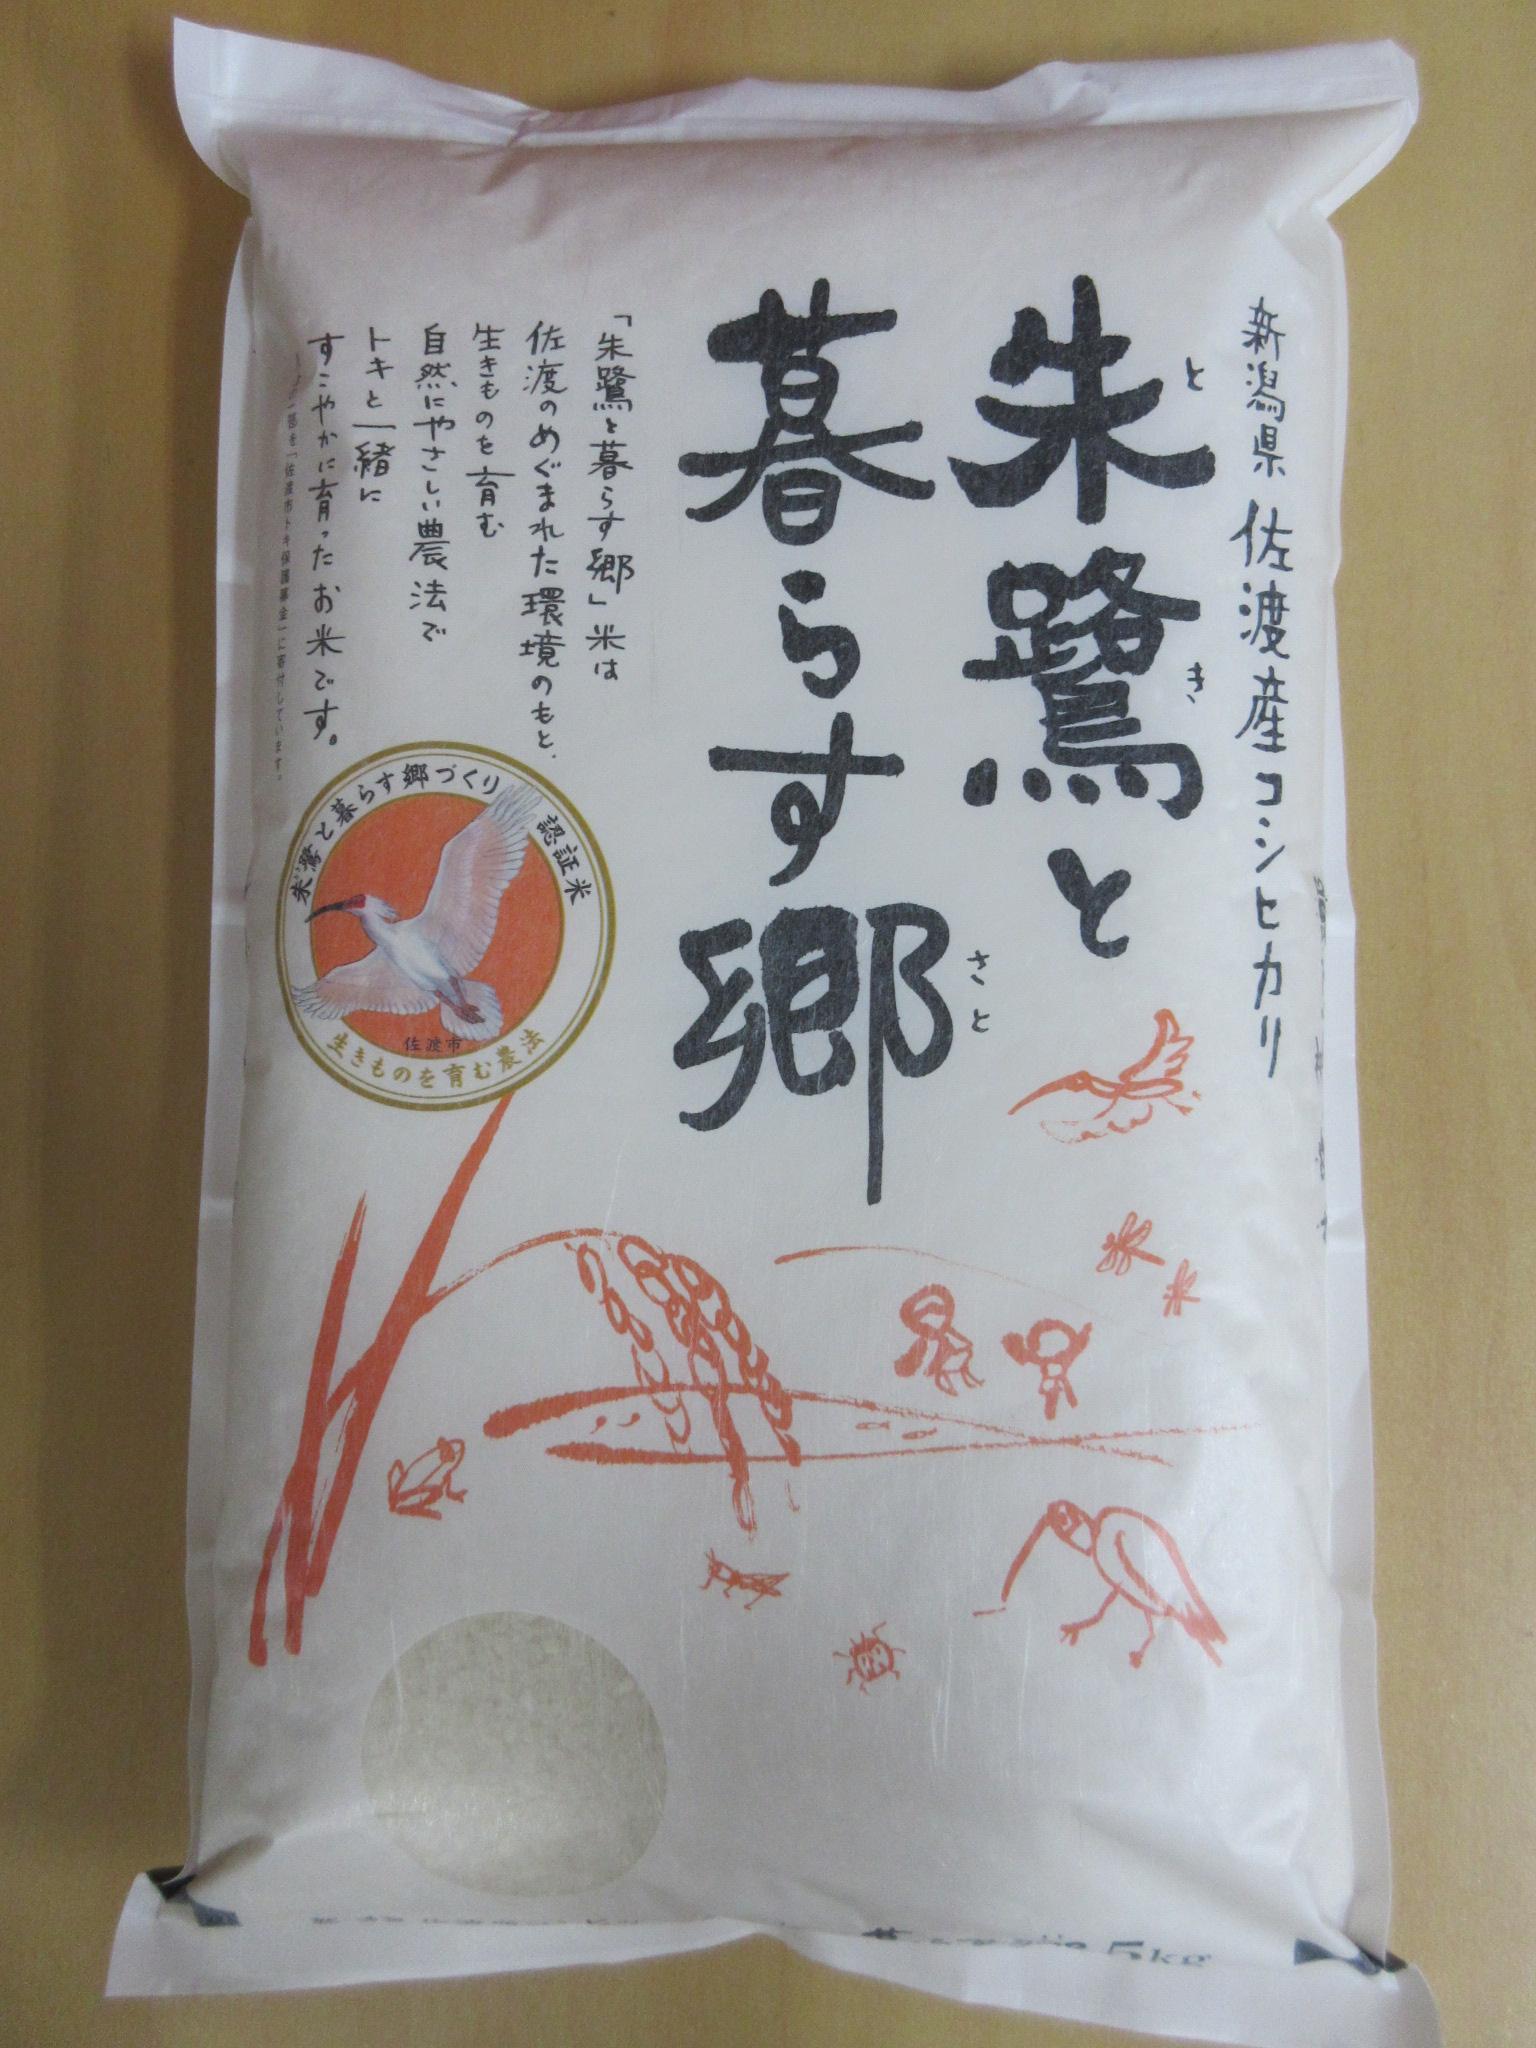 特別栽培米「佐渡朱鷺のコシヒカリ」限定販売中!